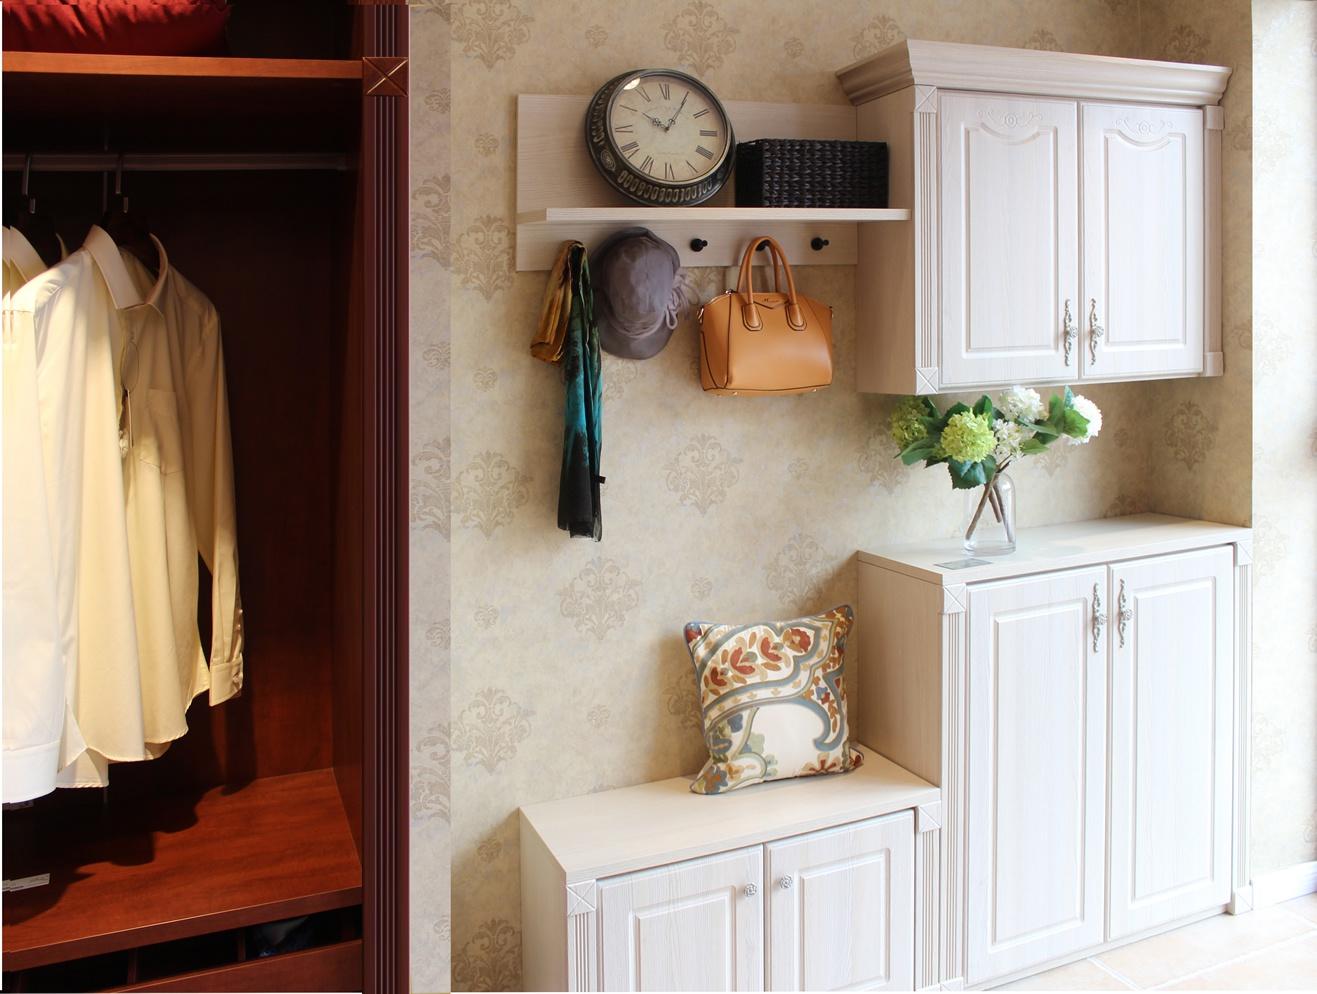 产品风格: 欧式经典   产品类别: 装饰  设计理念: 秉承高级定制的